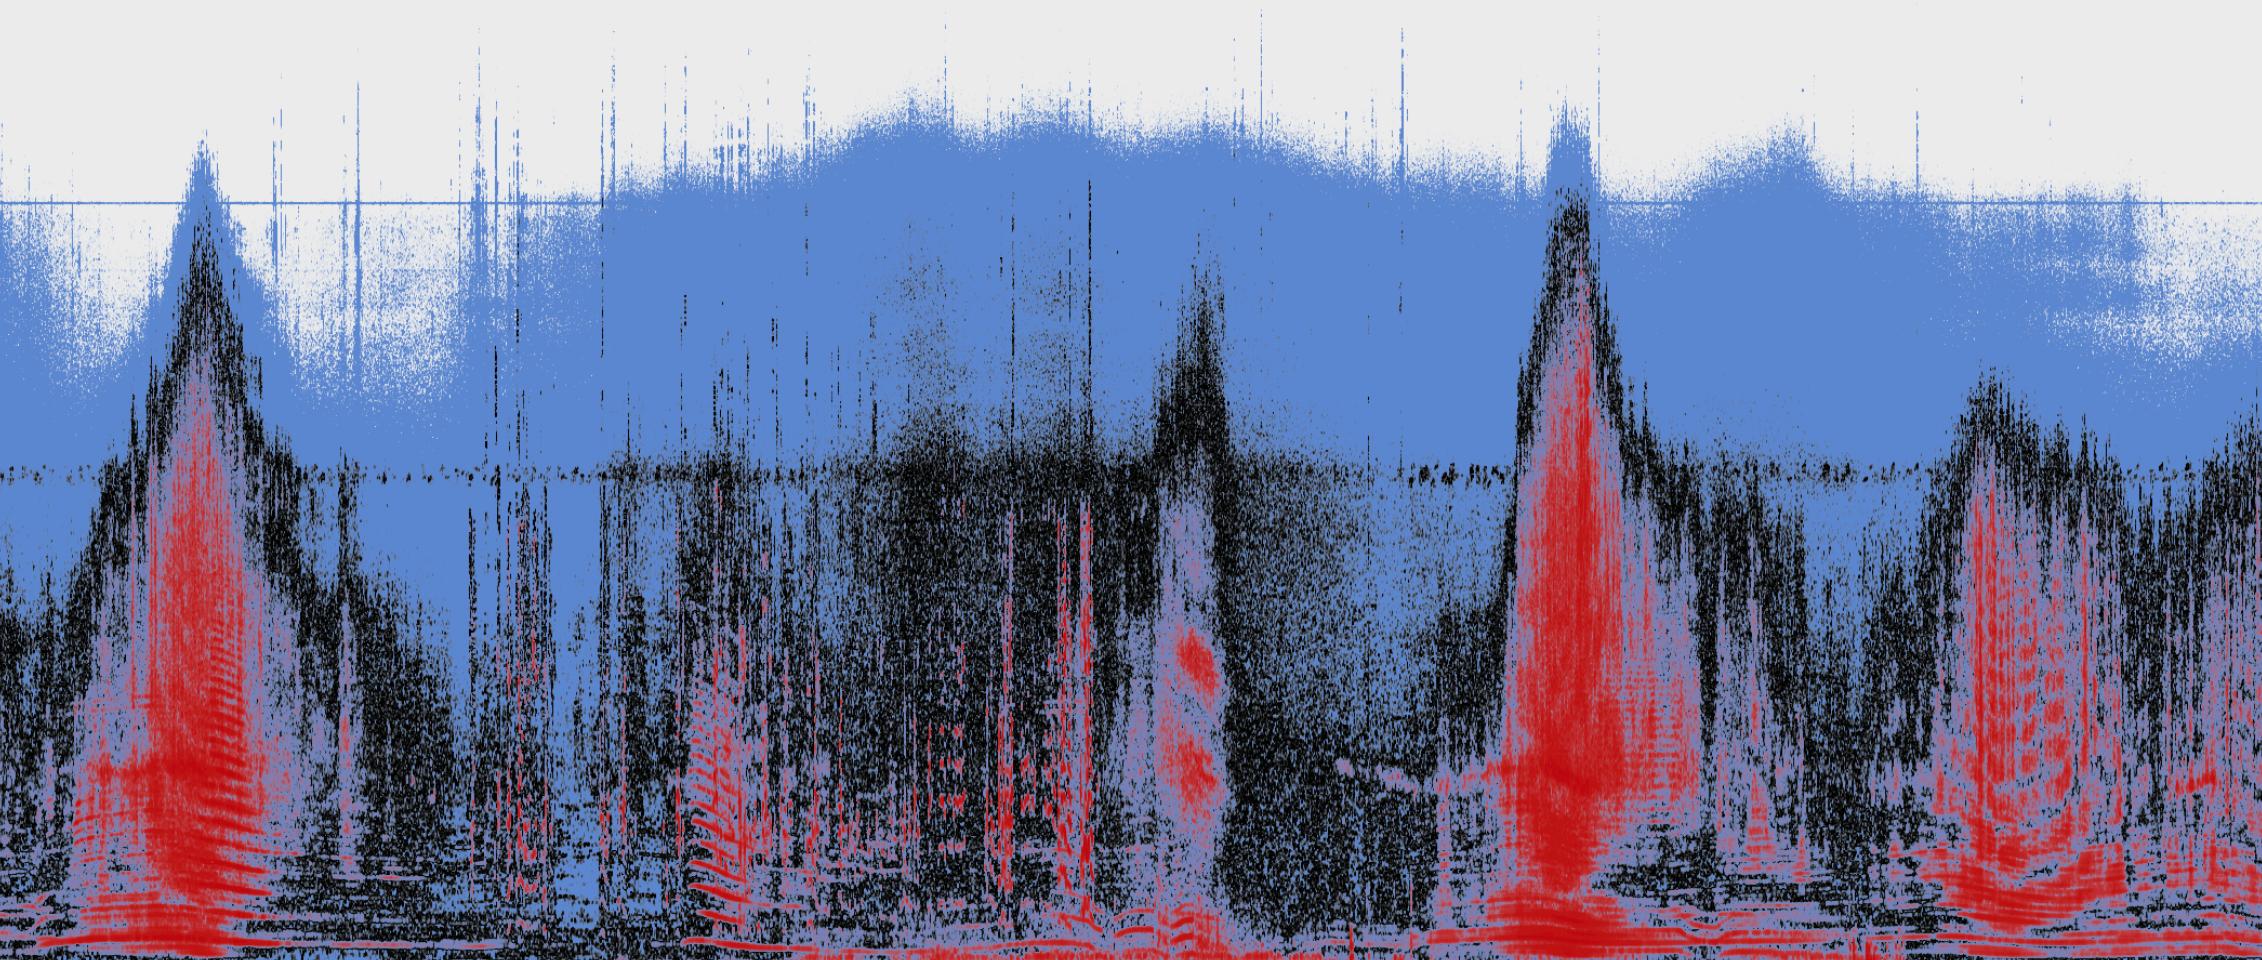 fokker dr1 spectrogram